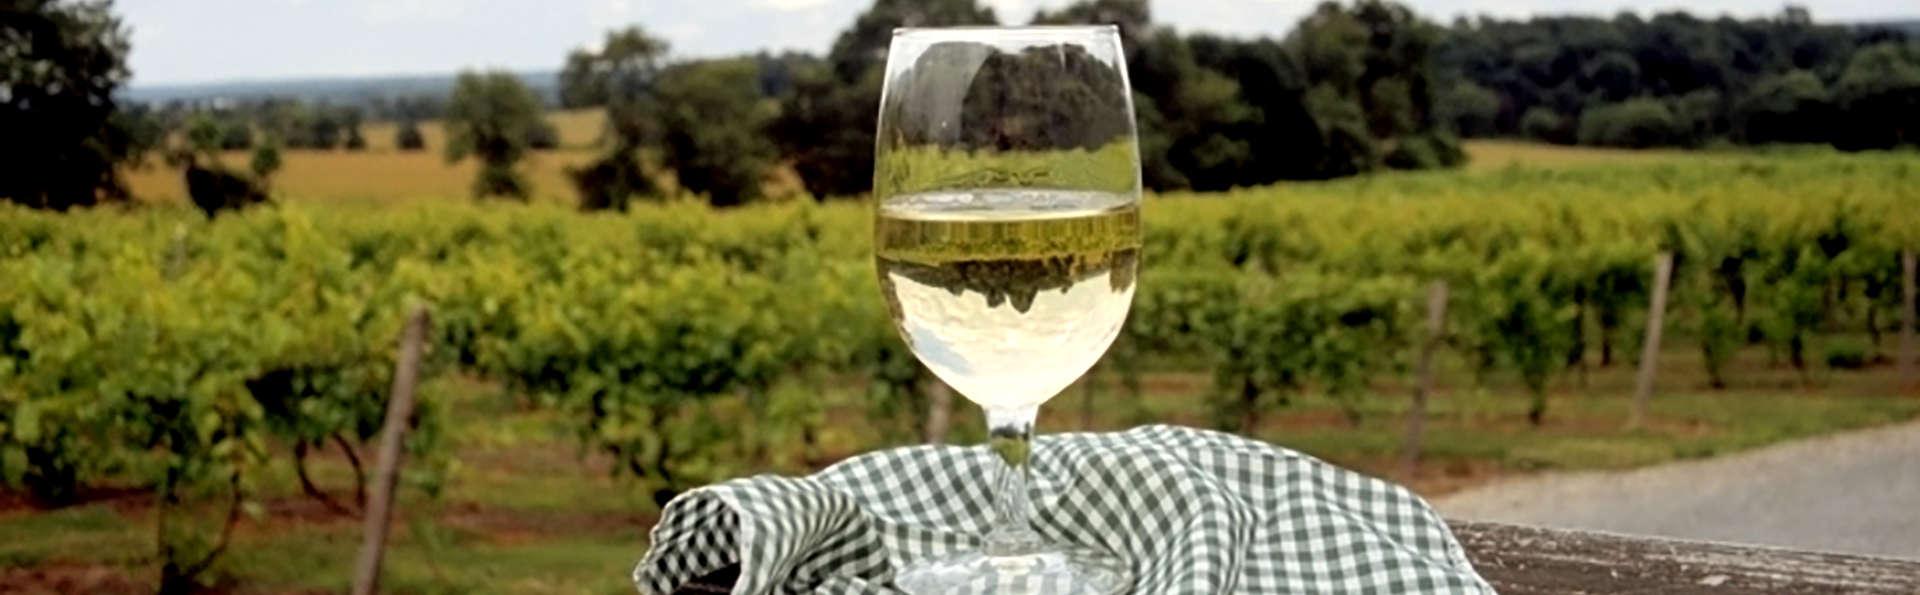 Séjour avec visite et dégustation de vins au Château de Marsannay près de Dijon